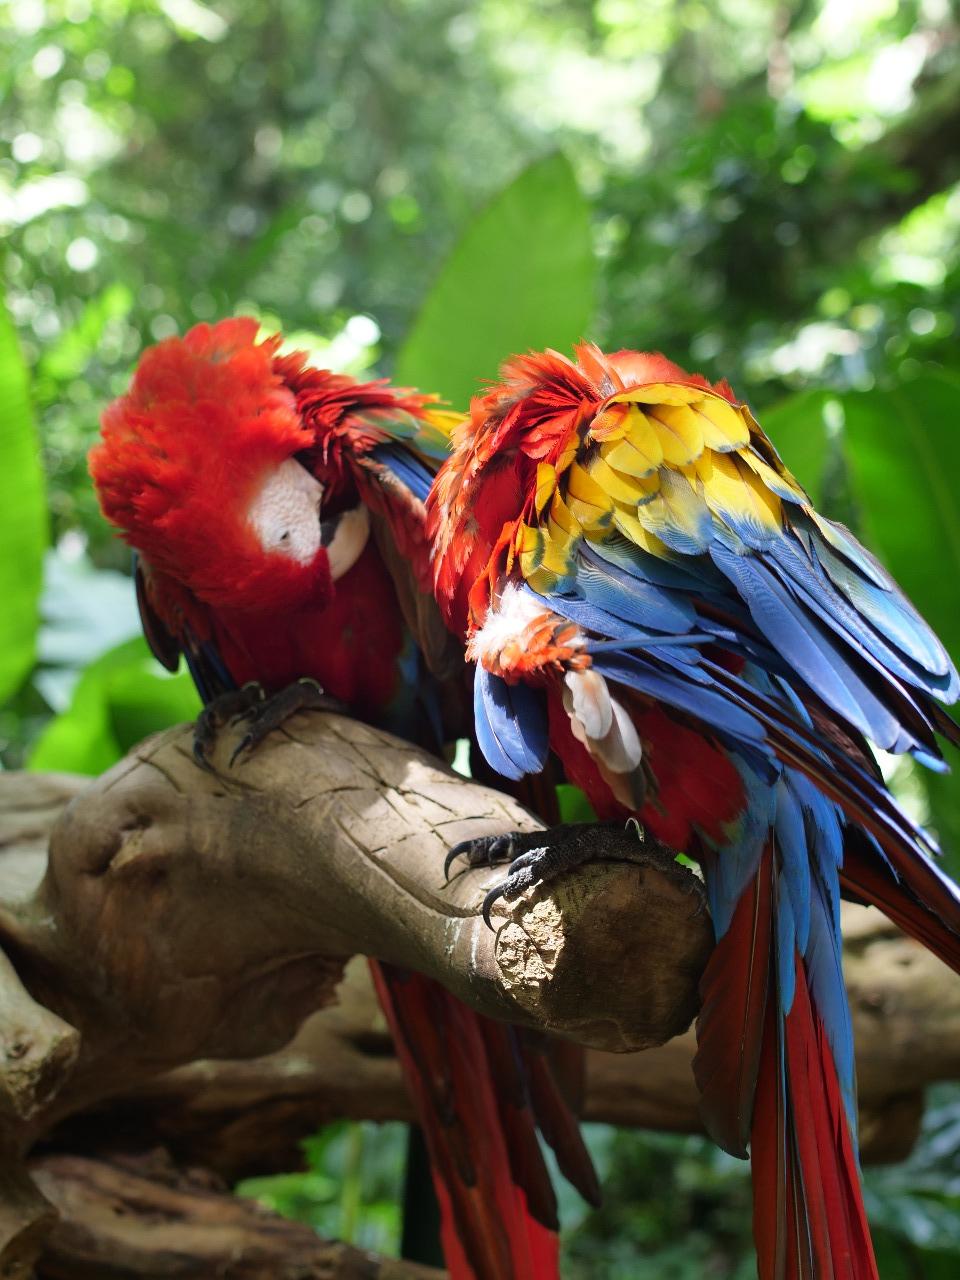 6 guaras rojas serán liberadas durante el Guacamaya Fest en Copán Ruinas